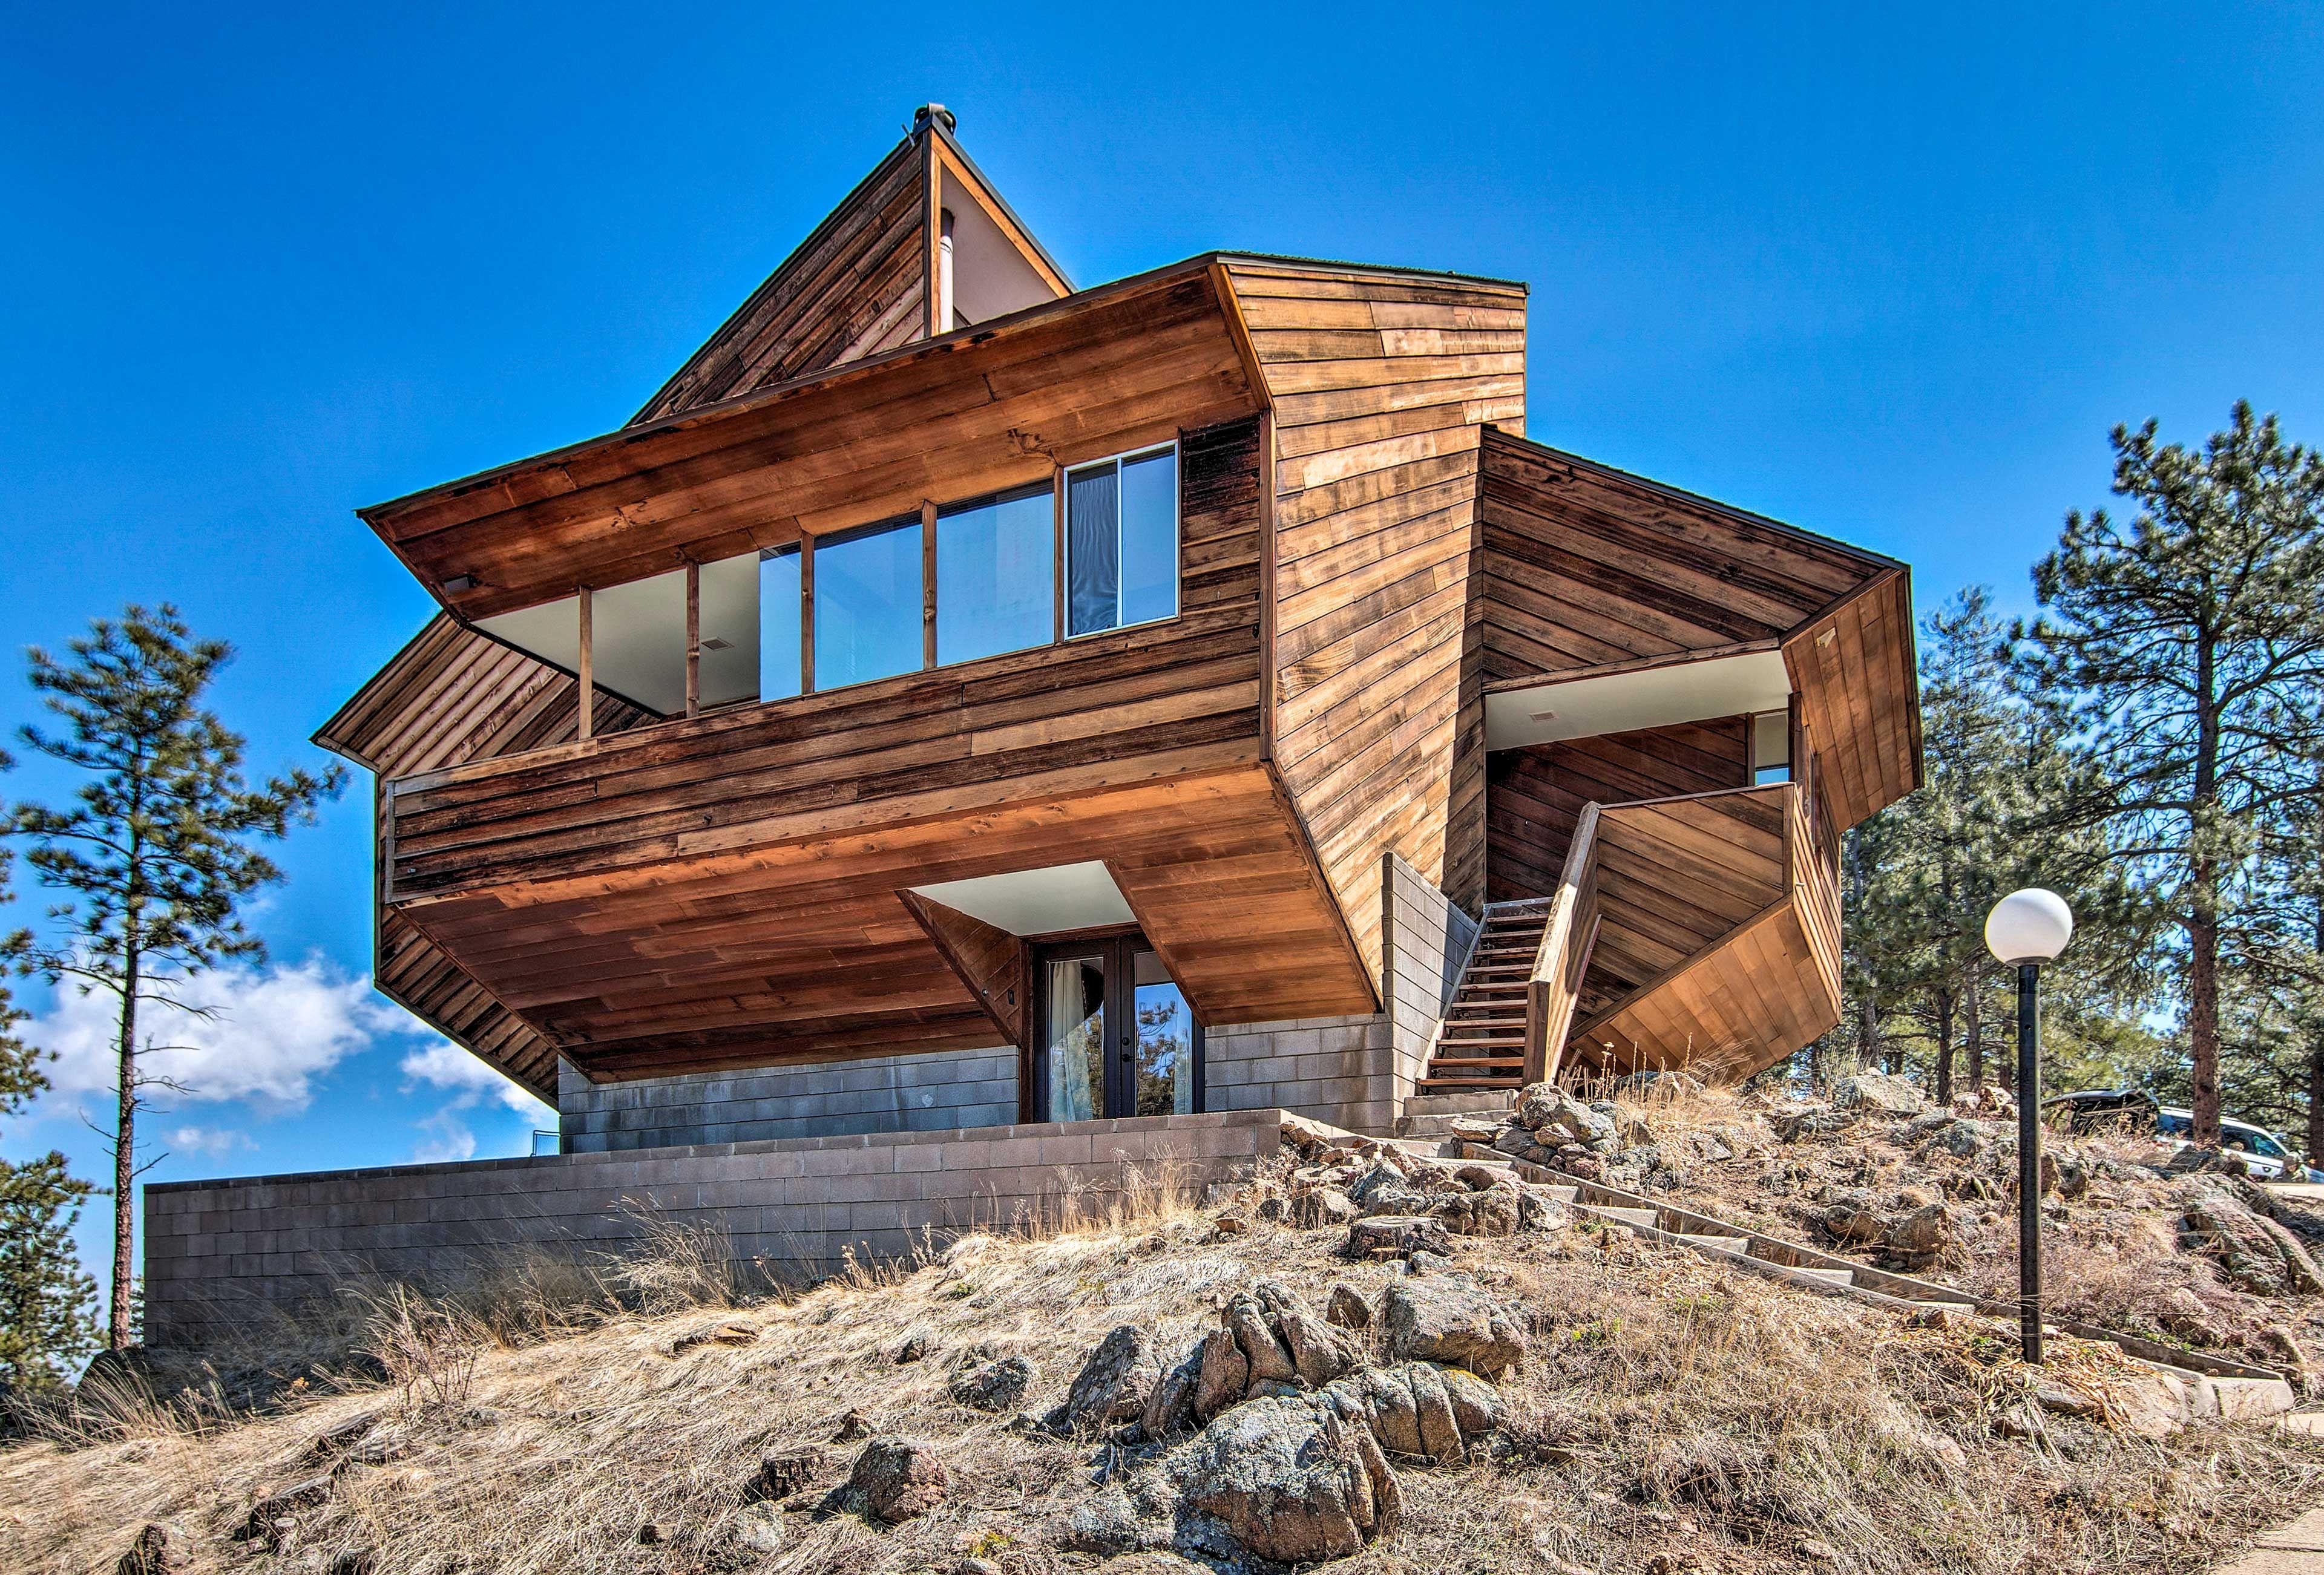 Luxe Boulder Barrett House On Mtn Peak W Hot Tub Colorado Vacation Rentals Bouldering Colorado Vacation